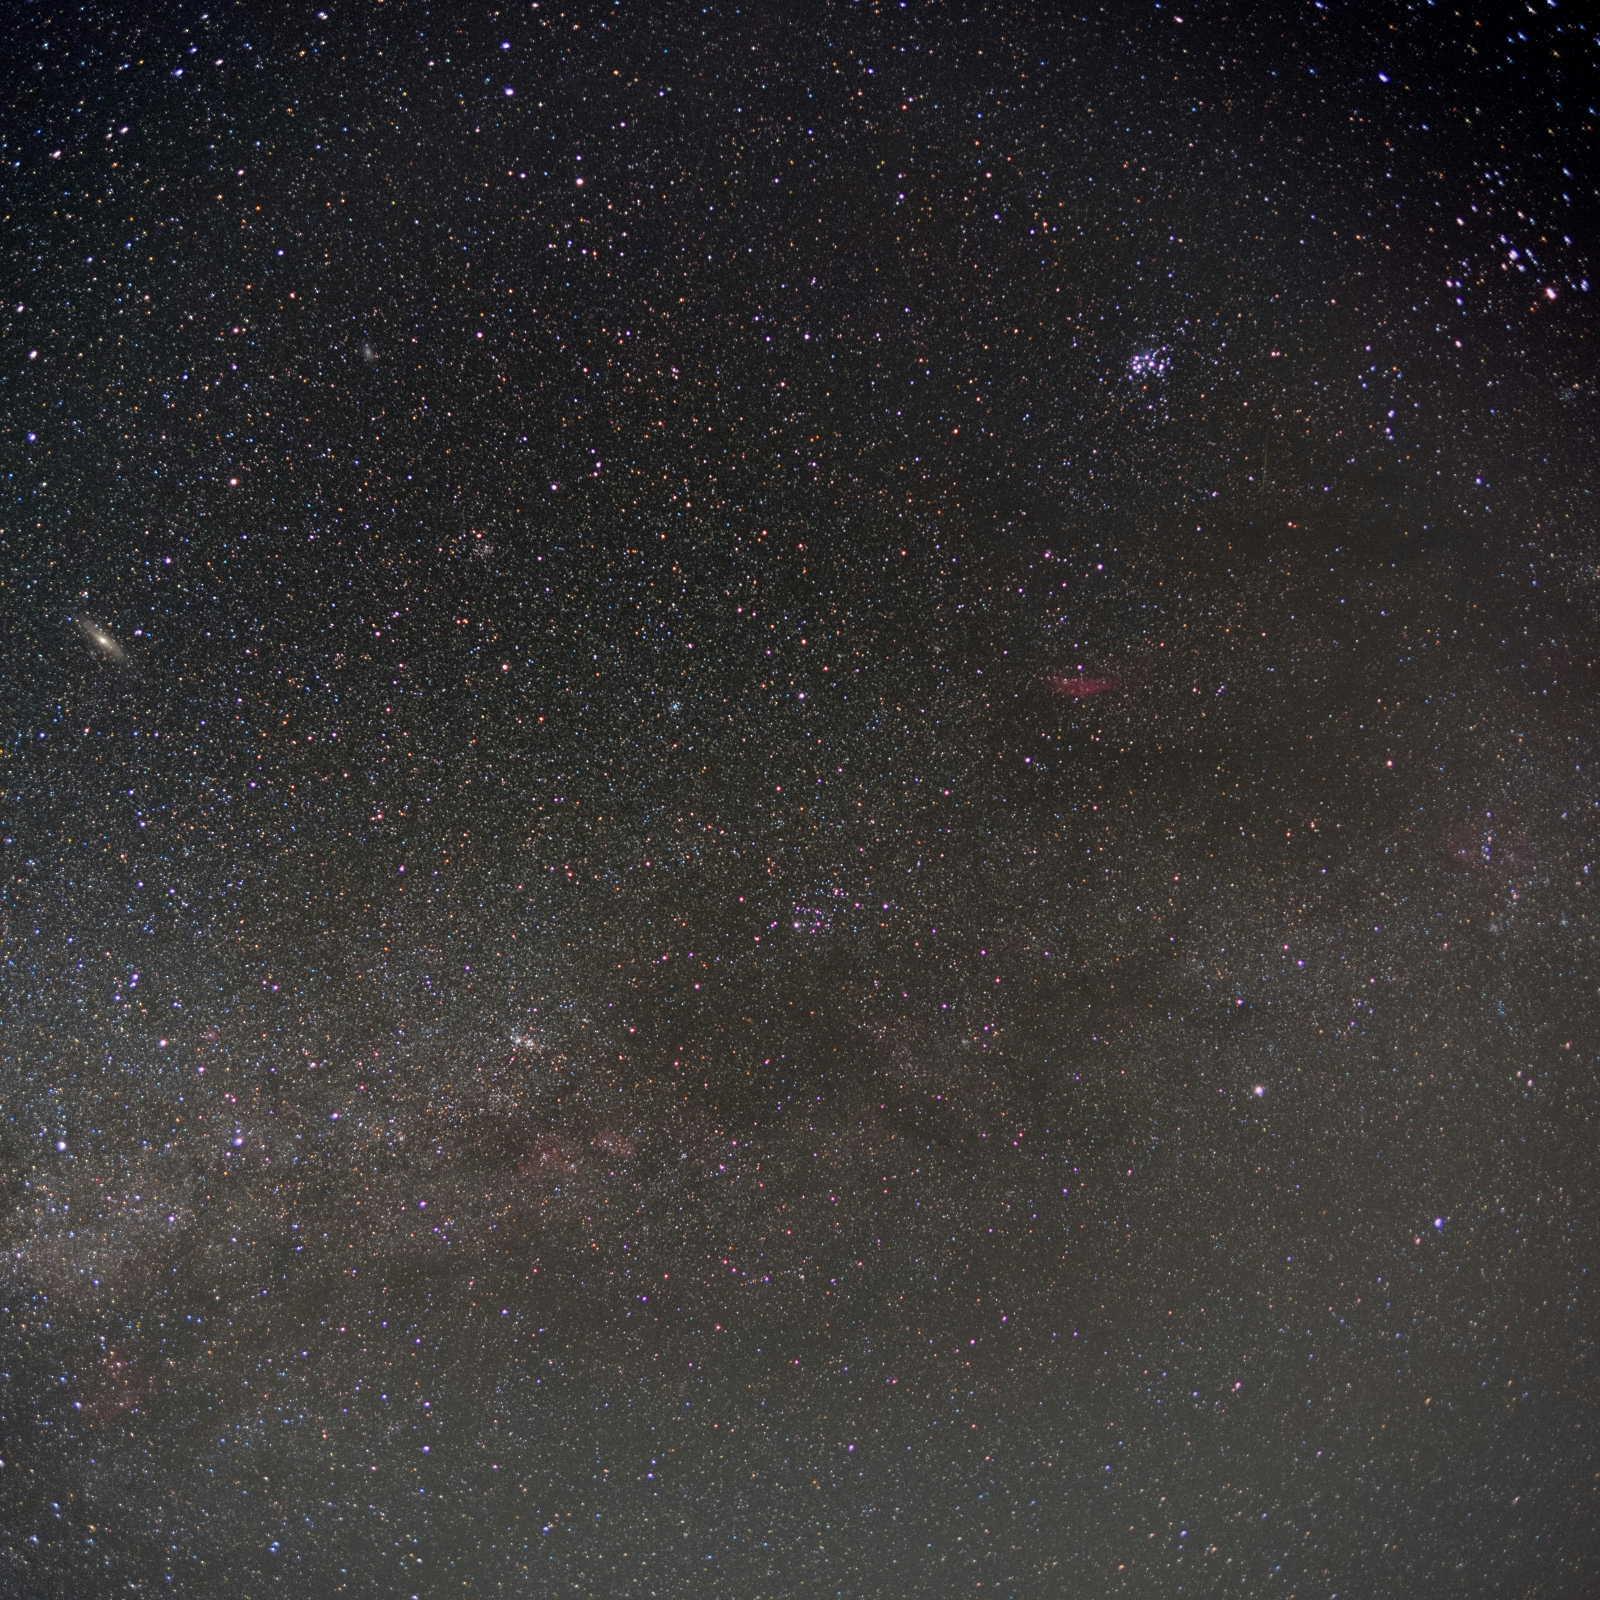 満天の星空を求めてリベンジ①_f0346040_11413283.jpg